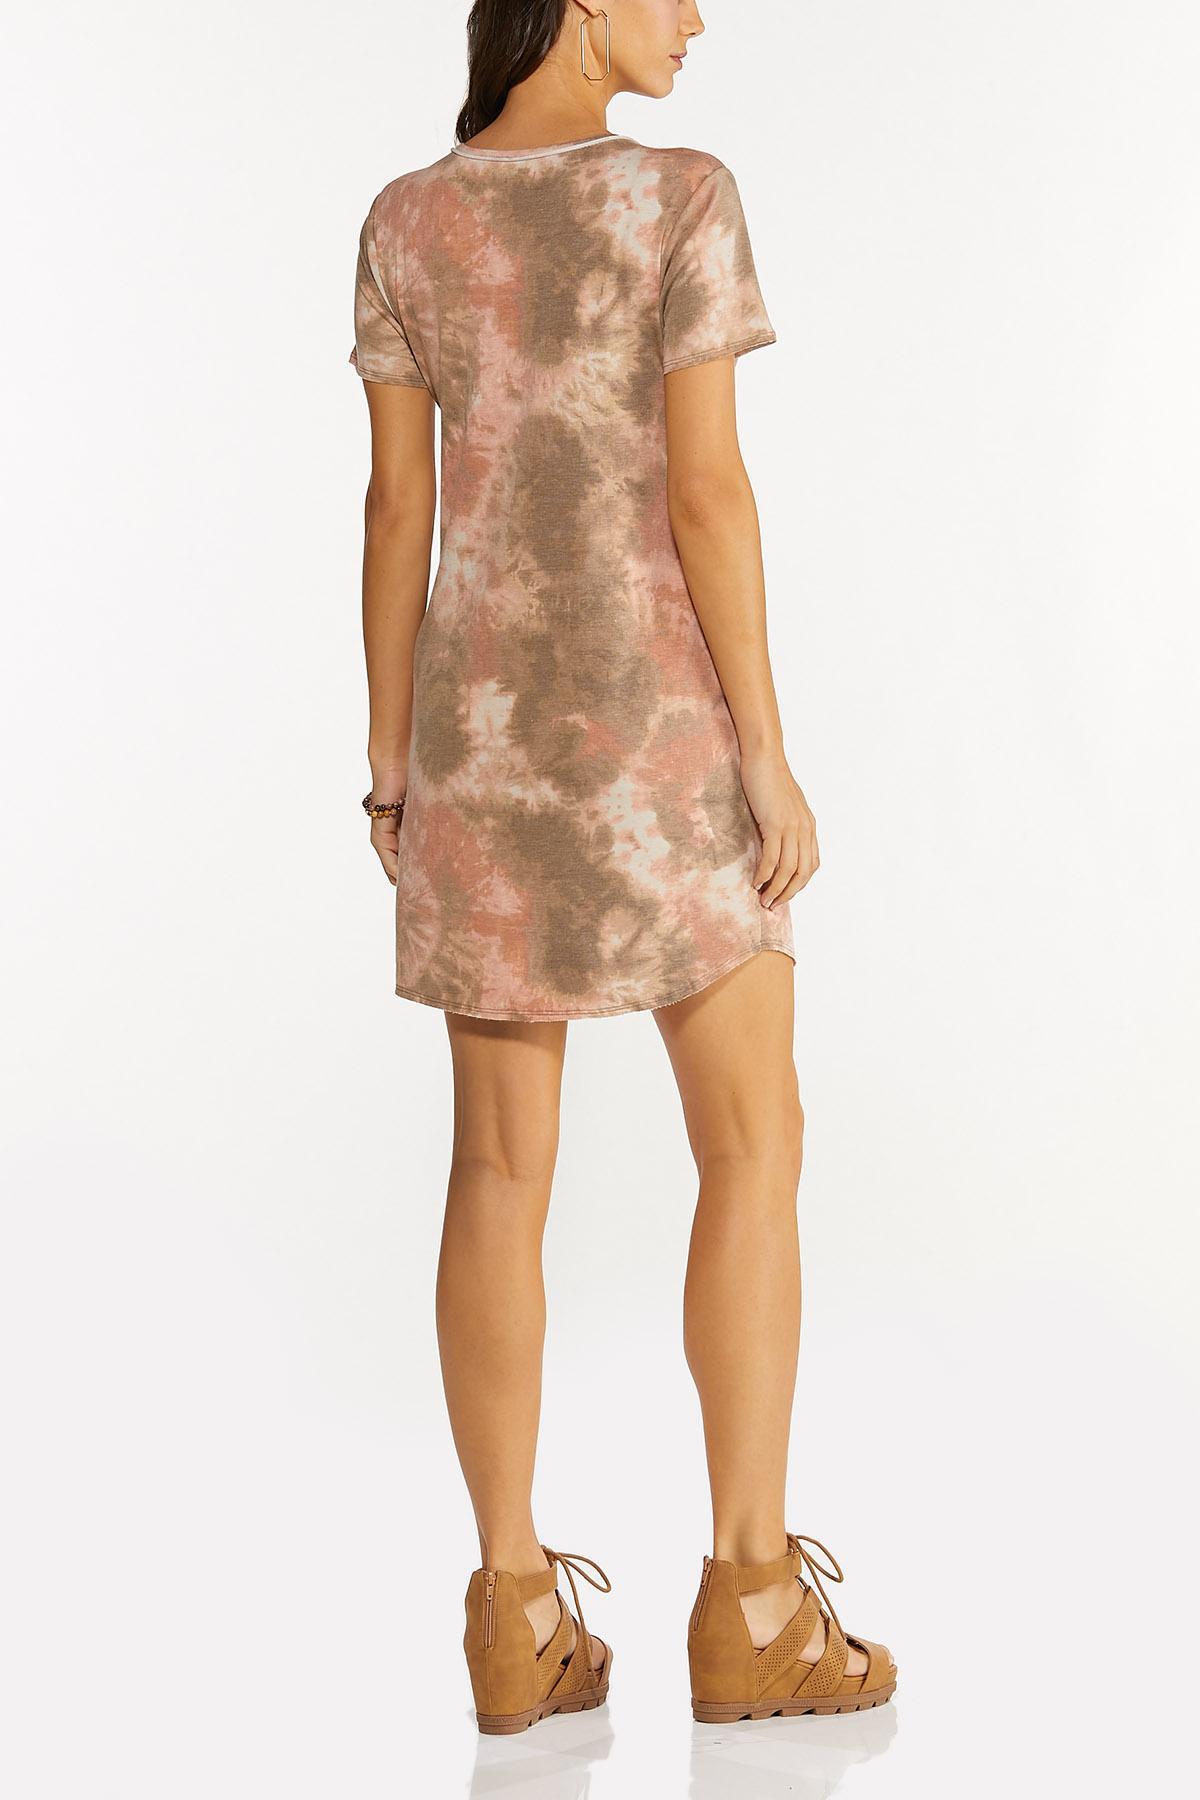 Blush Dye French Terry Dress (Item #44678049)